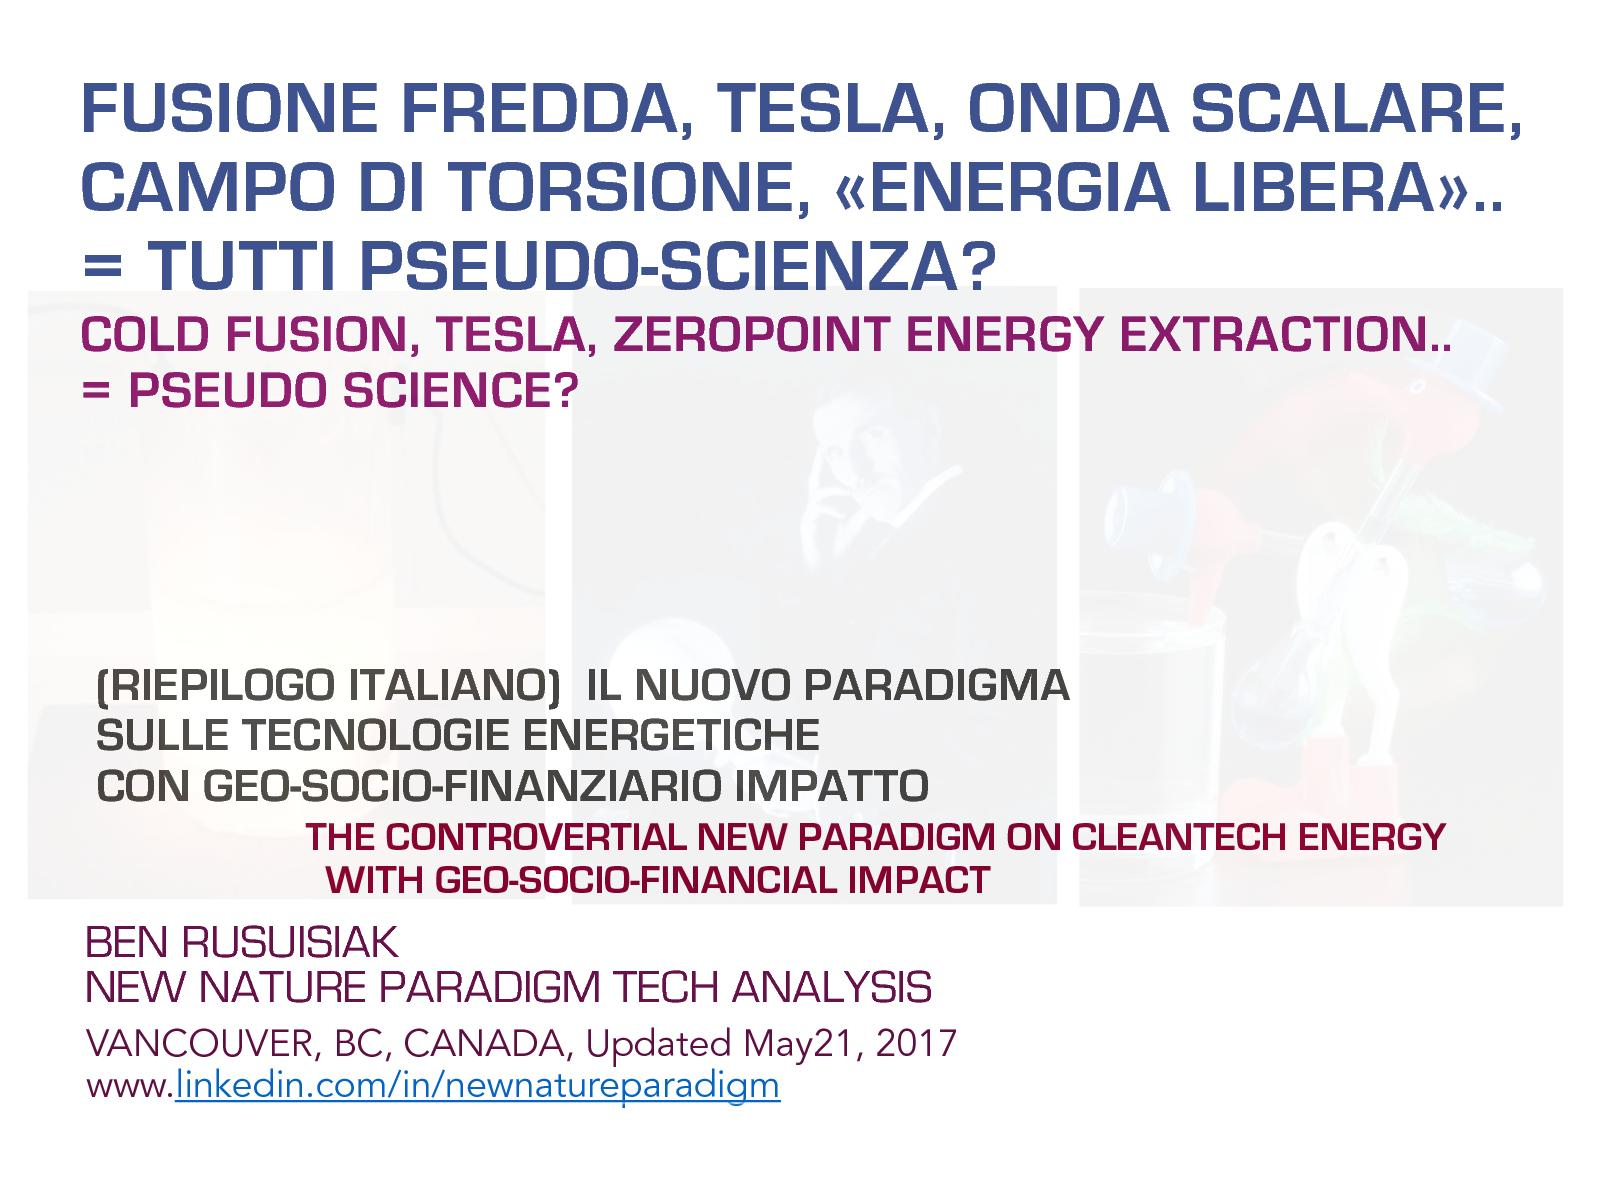 Calamo Fusione Fredda Tesla Onda Scalare Campo Di Torsione Schematics Of Delabs Relay Driver Electromagnetic Energia Libera Tutti Pseudo Scienza Cold Fusion Free Energy All